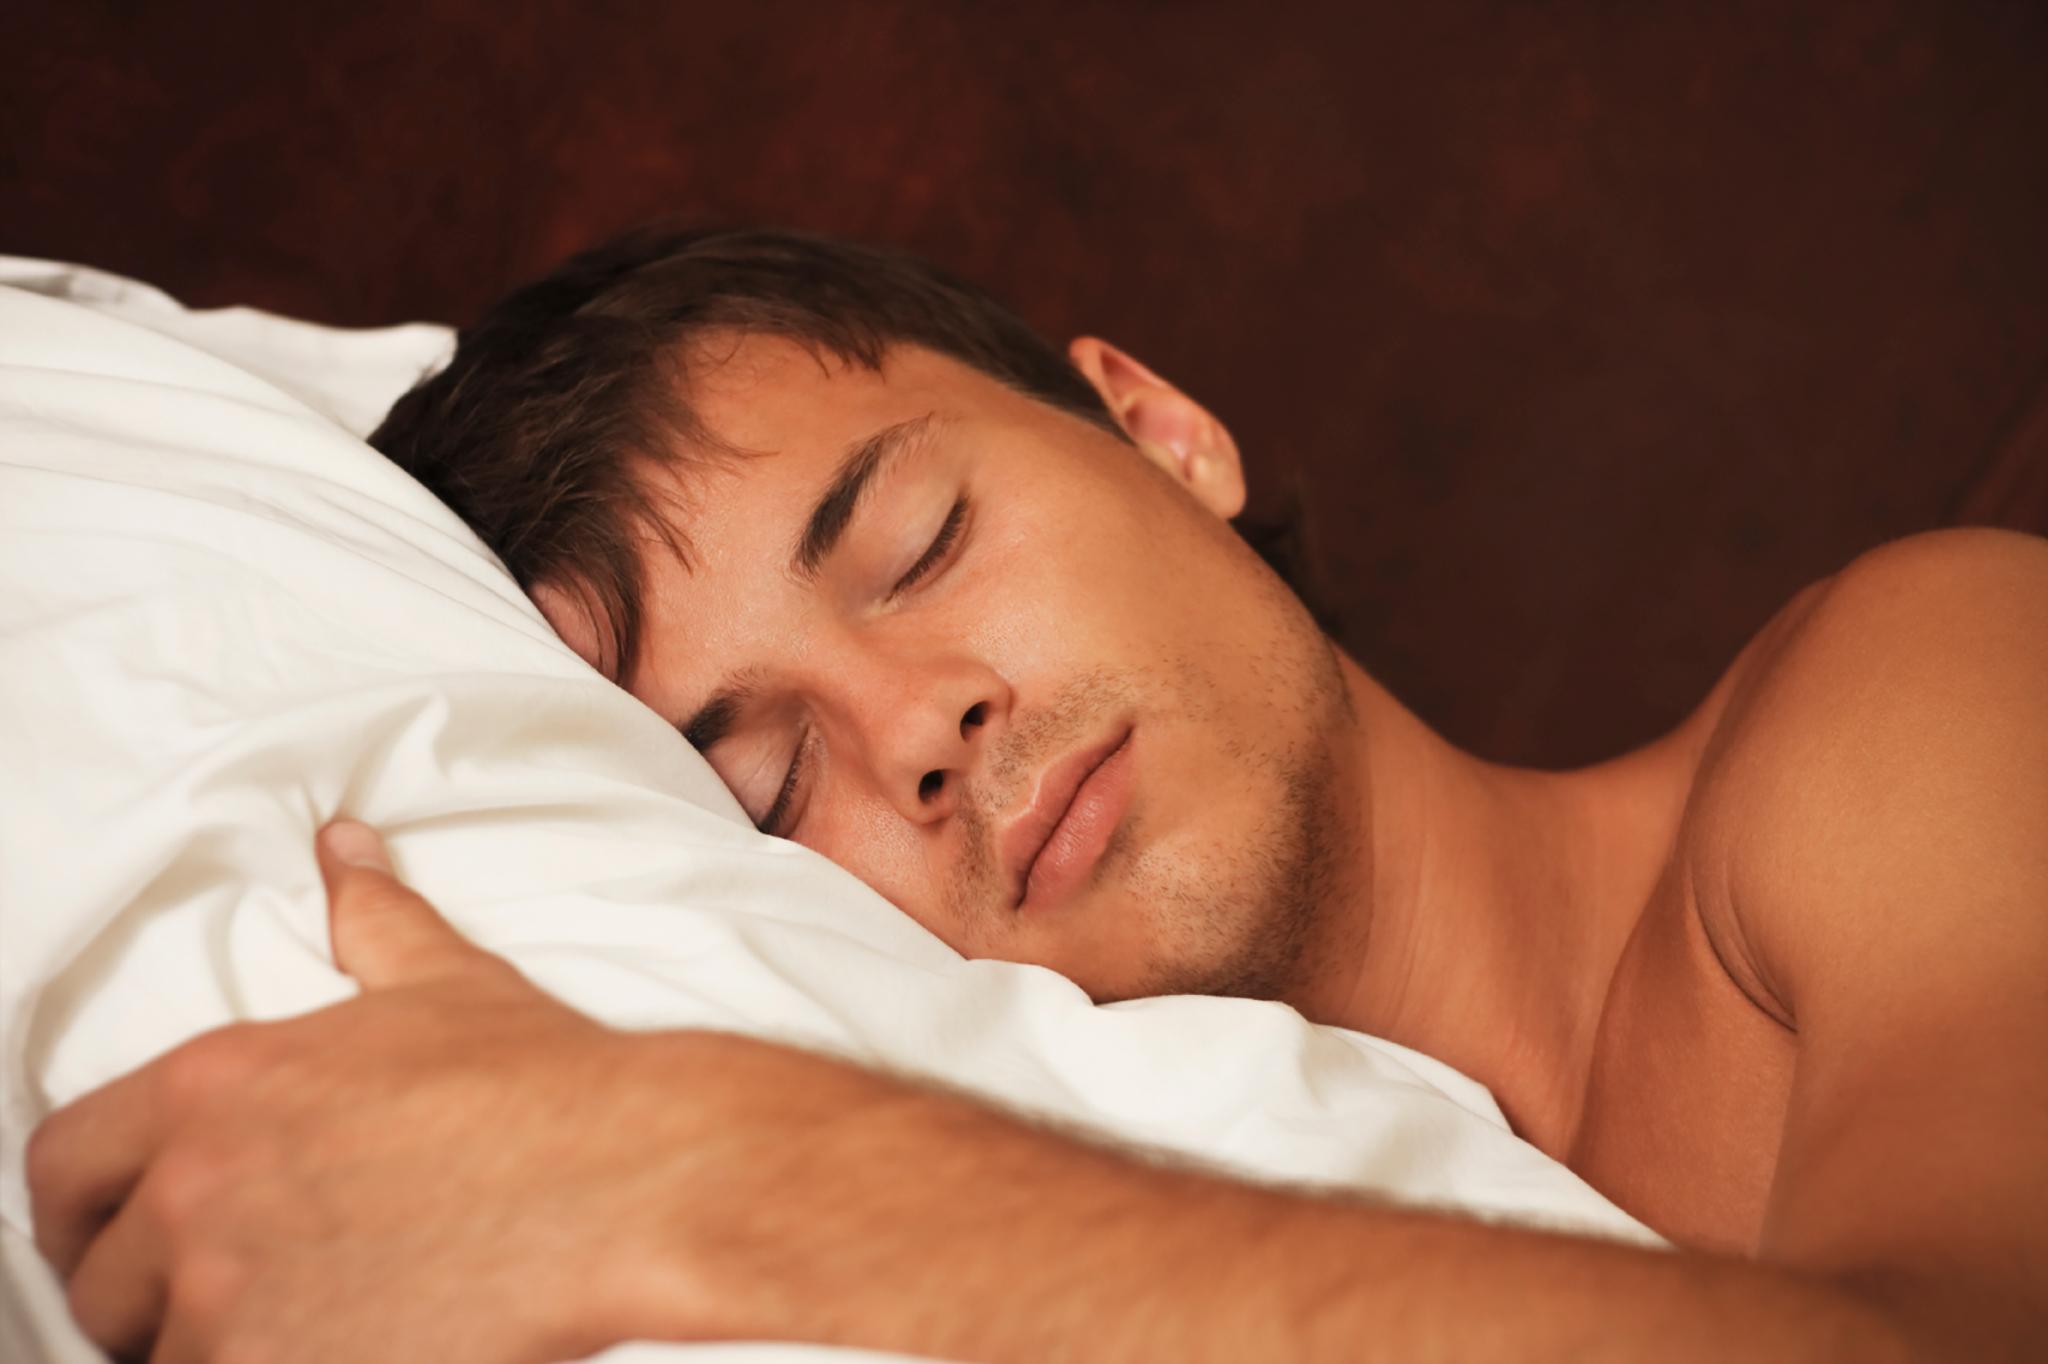 новым картинка мужчина во сне сказать